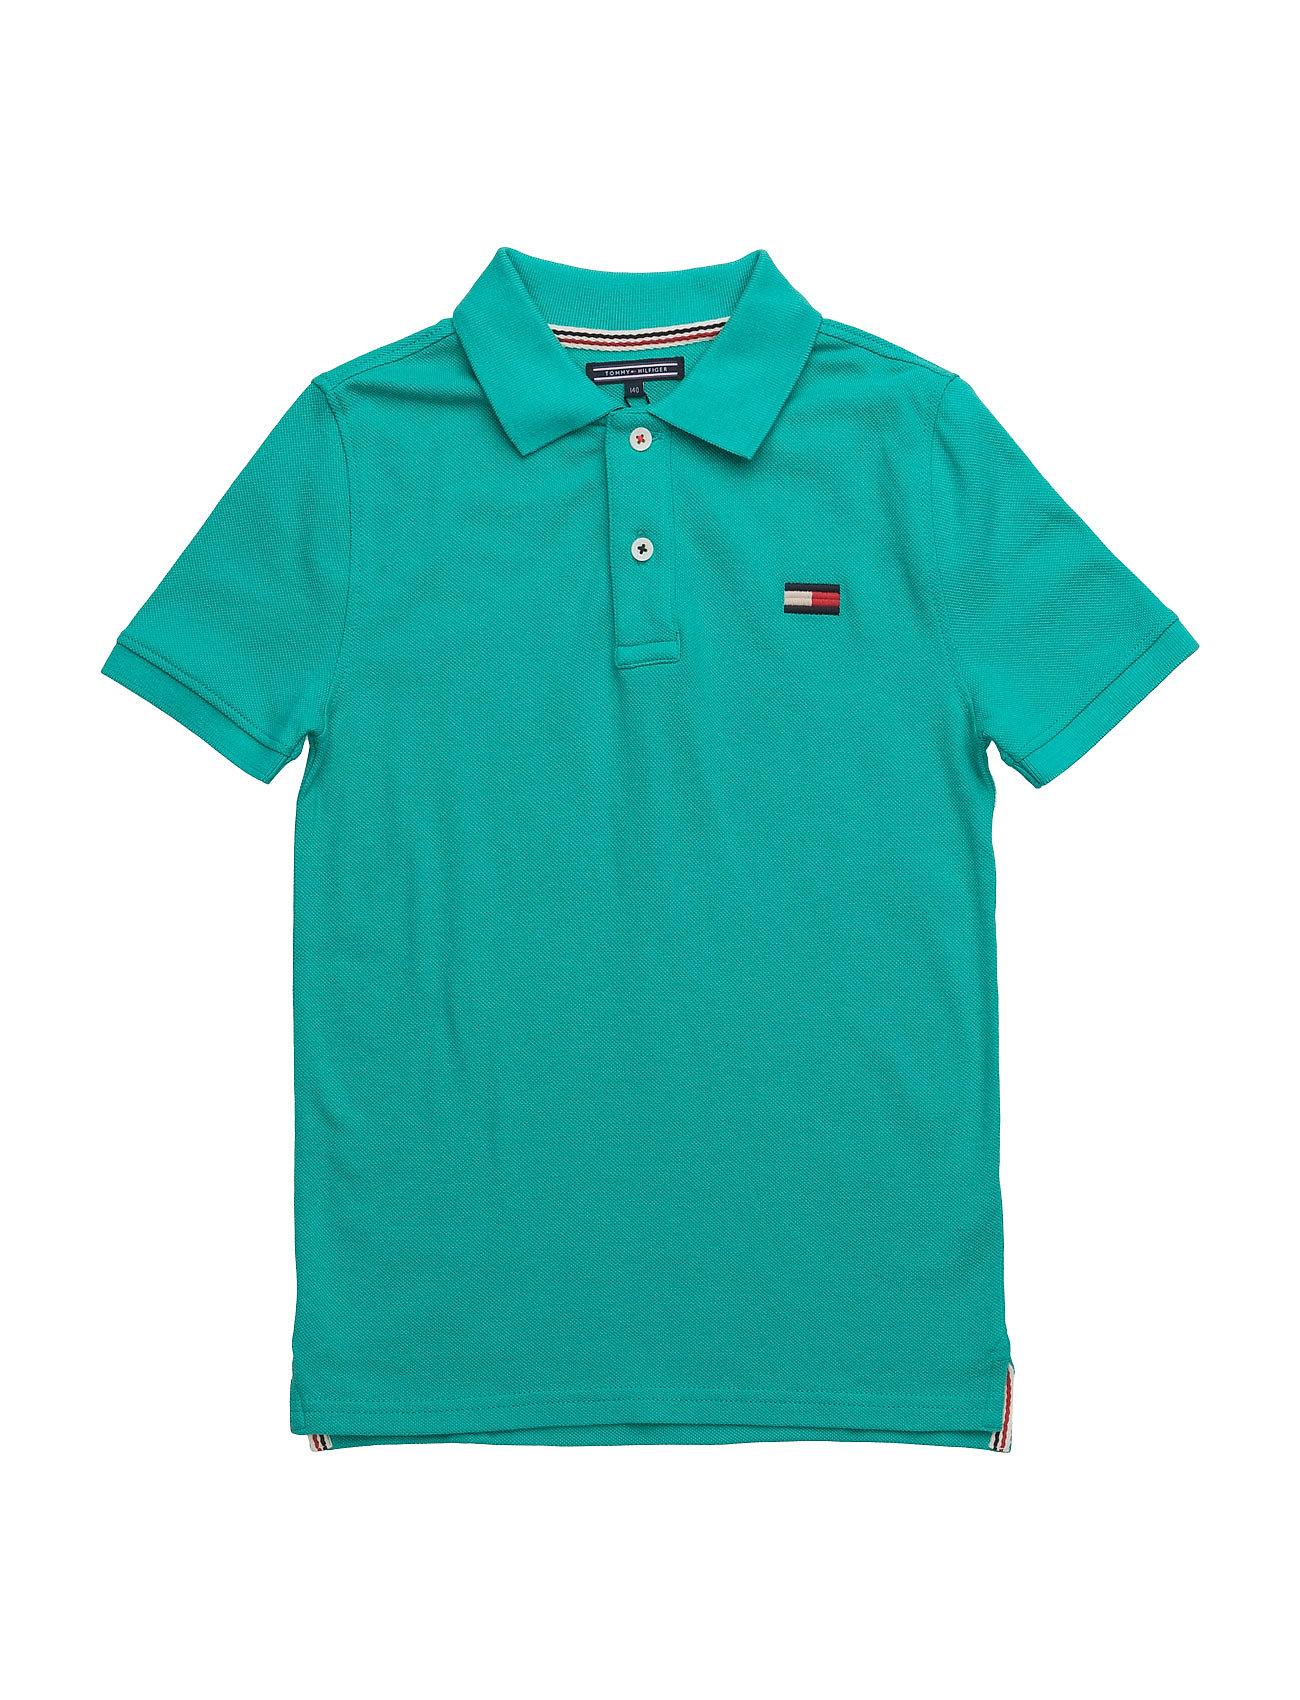 Big Flag Polo S/S Tommy Hilfiger Kortærmede t-shirts til Børn i Blå